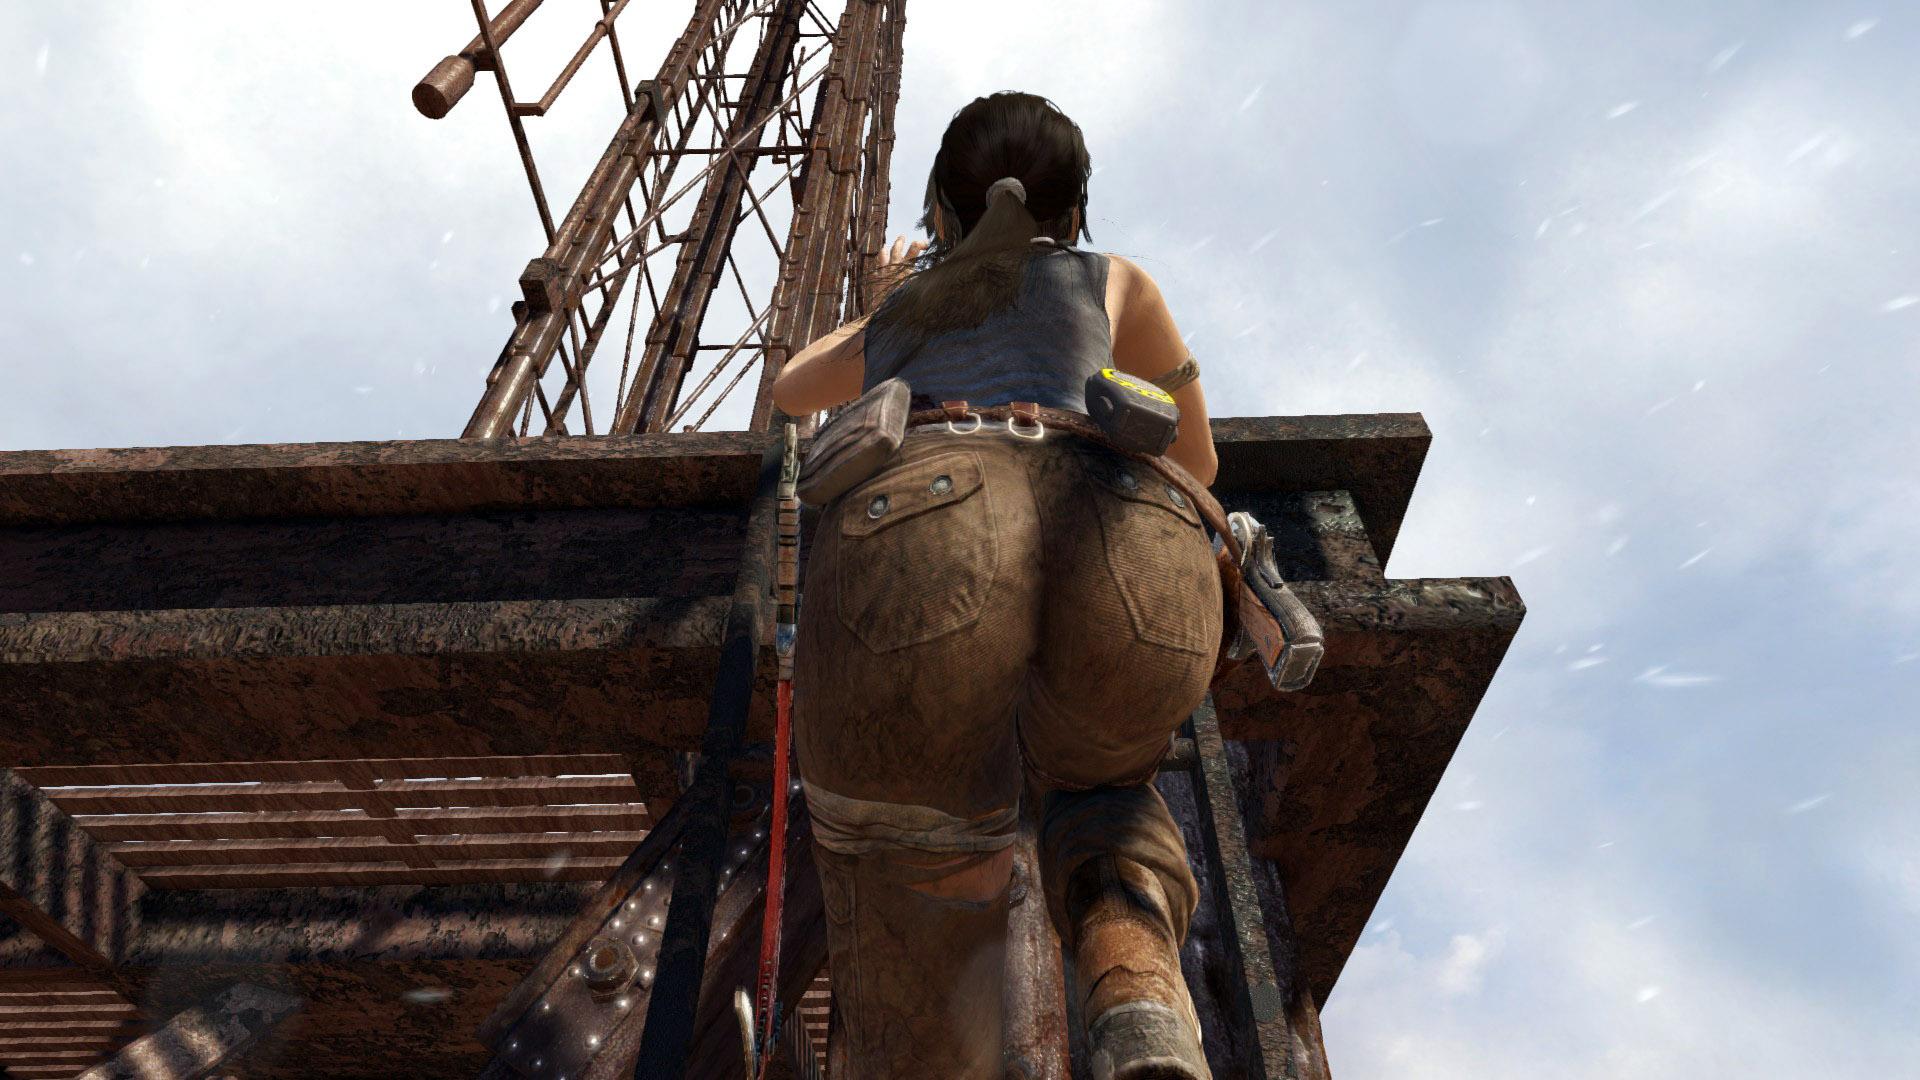 Лара лезет на радиовышку - Tomb Raider (2013)